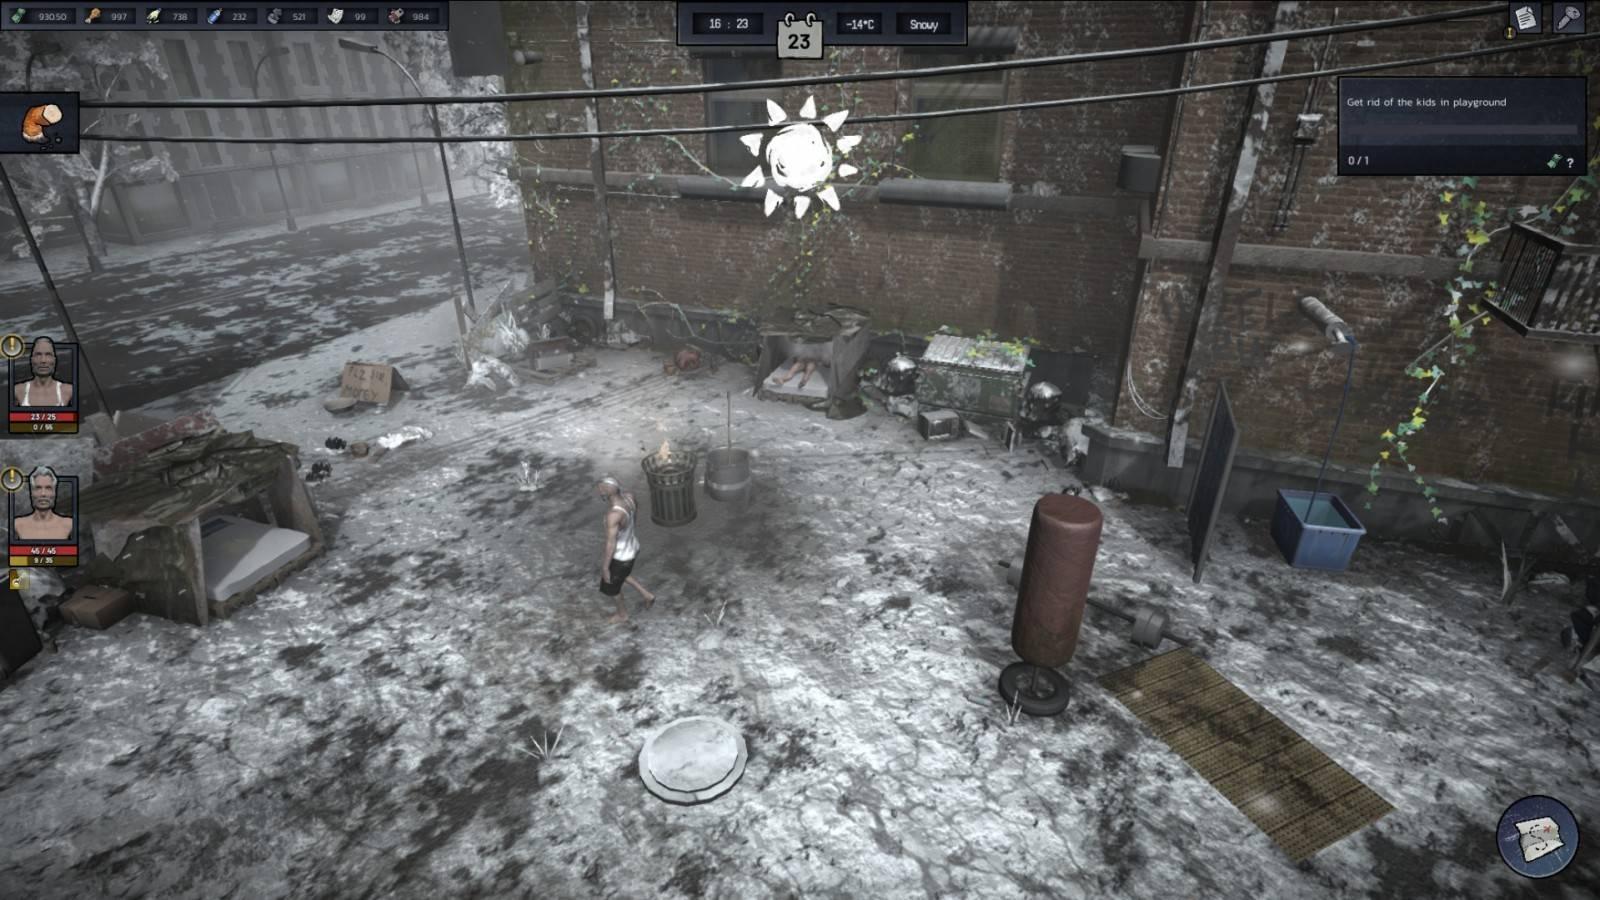 Garbage: Conoce este peculiar simulador de lucha con vagabundos 4